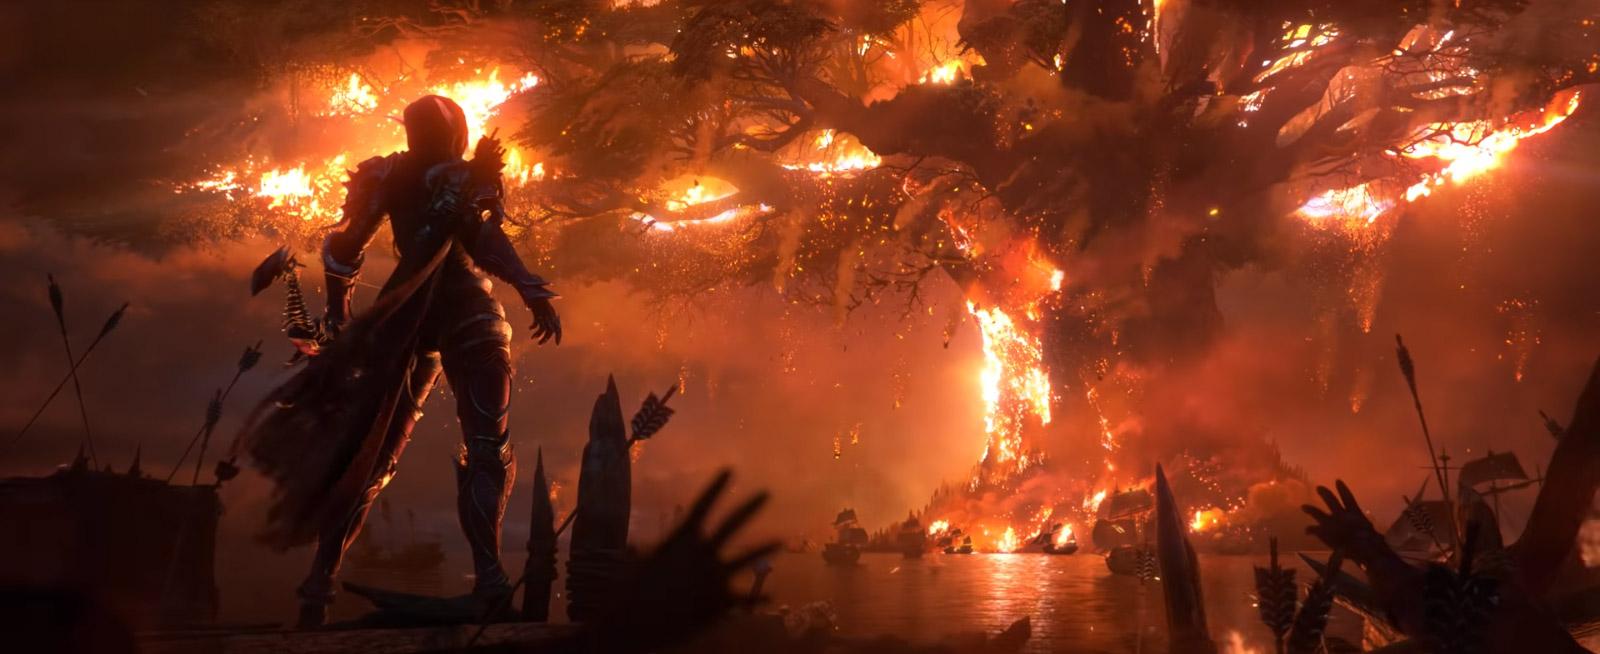 Saurcroc se souvient avec horreur de Teldrassil